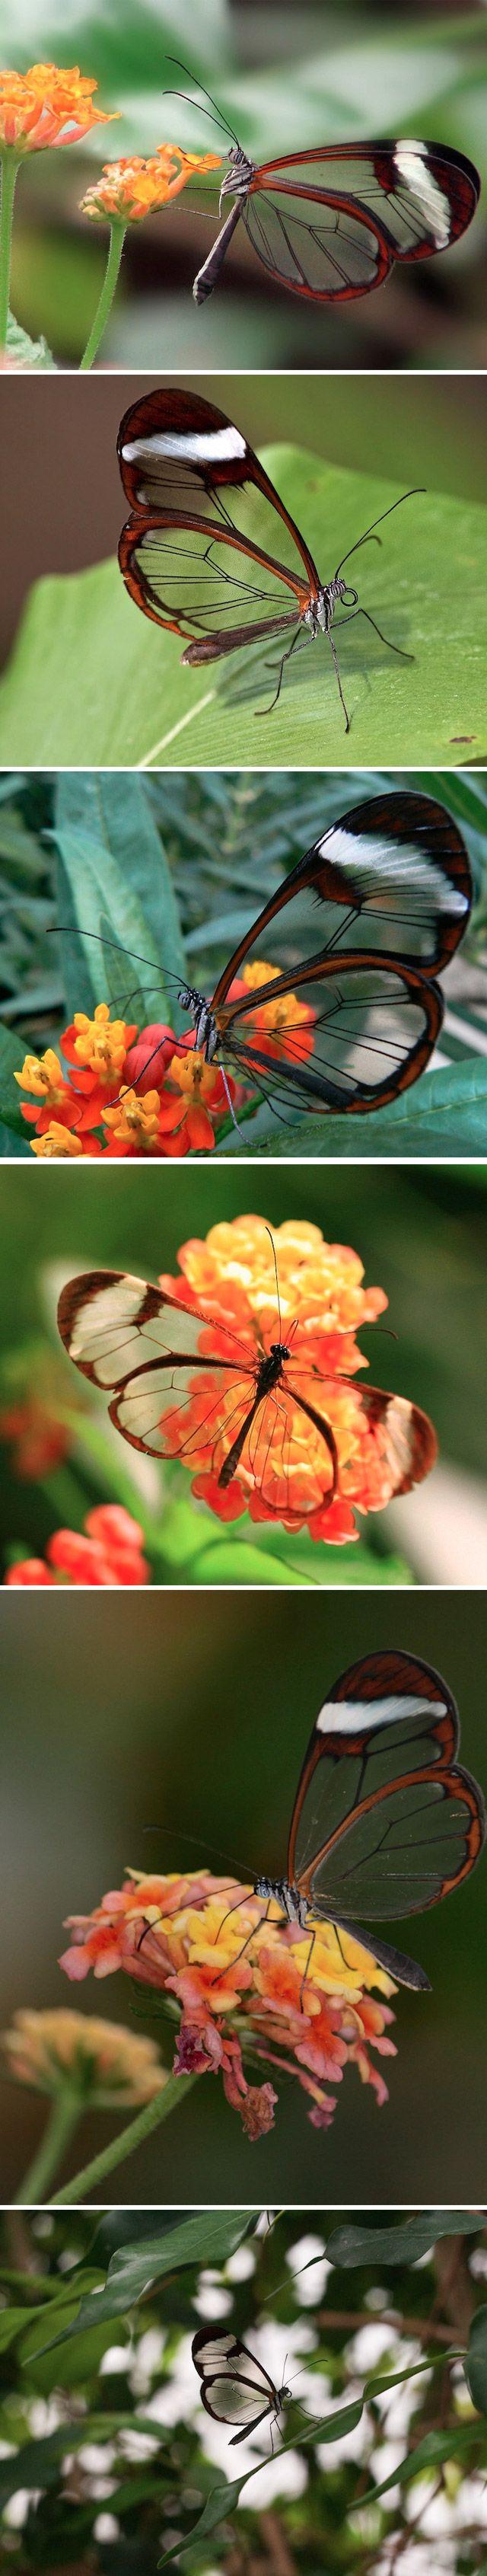 Design da Natureza: Conheça a incrível borboleta de asas transparentes    Greta Oto, uma borboleta da família Nymphalidae, também conhecida como borboleta de cristal. O tecido entre as nervuras das asas dela se parece mais com vidro, porqueque não têm as escamas coloridas encontradas em outras borboletas. Esse ser incrível, somente pode ser encontrado em algumas regiões da América Central, entre o México e Panamá.